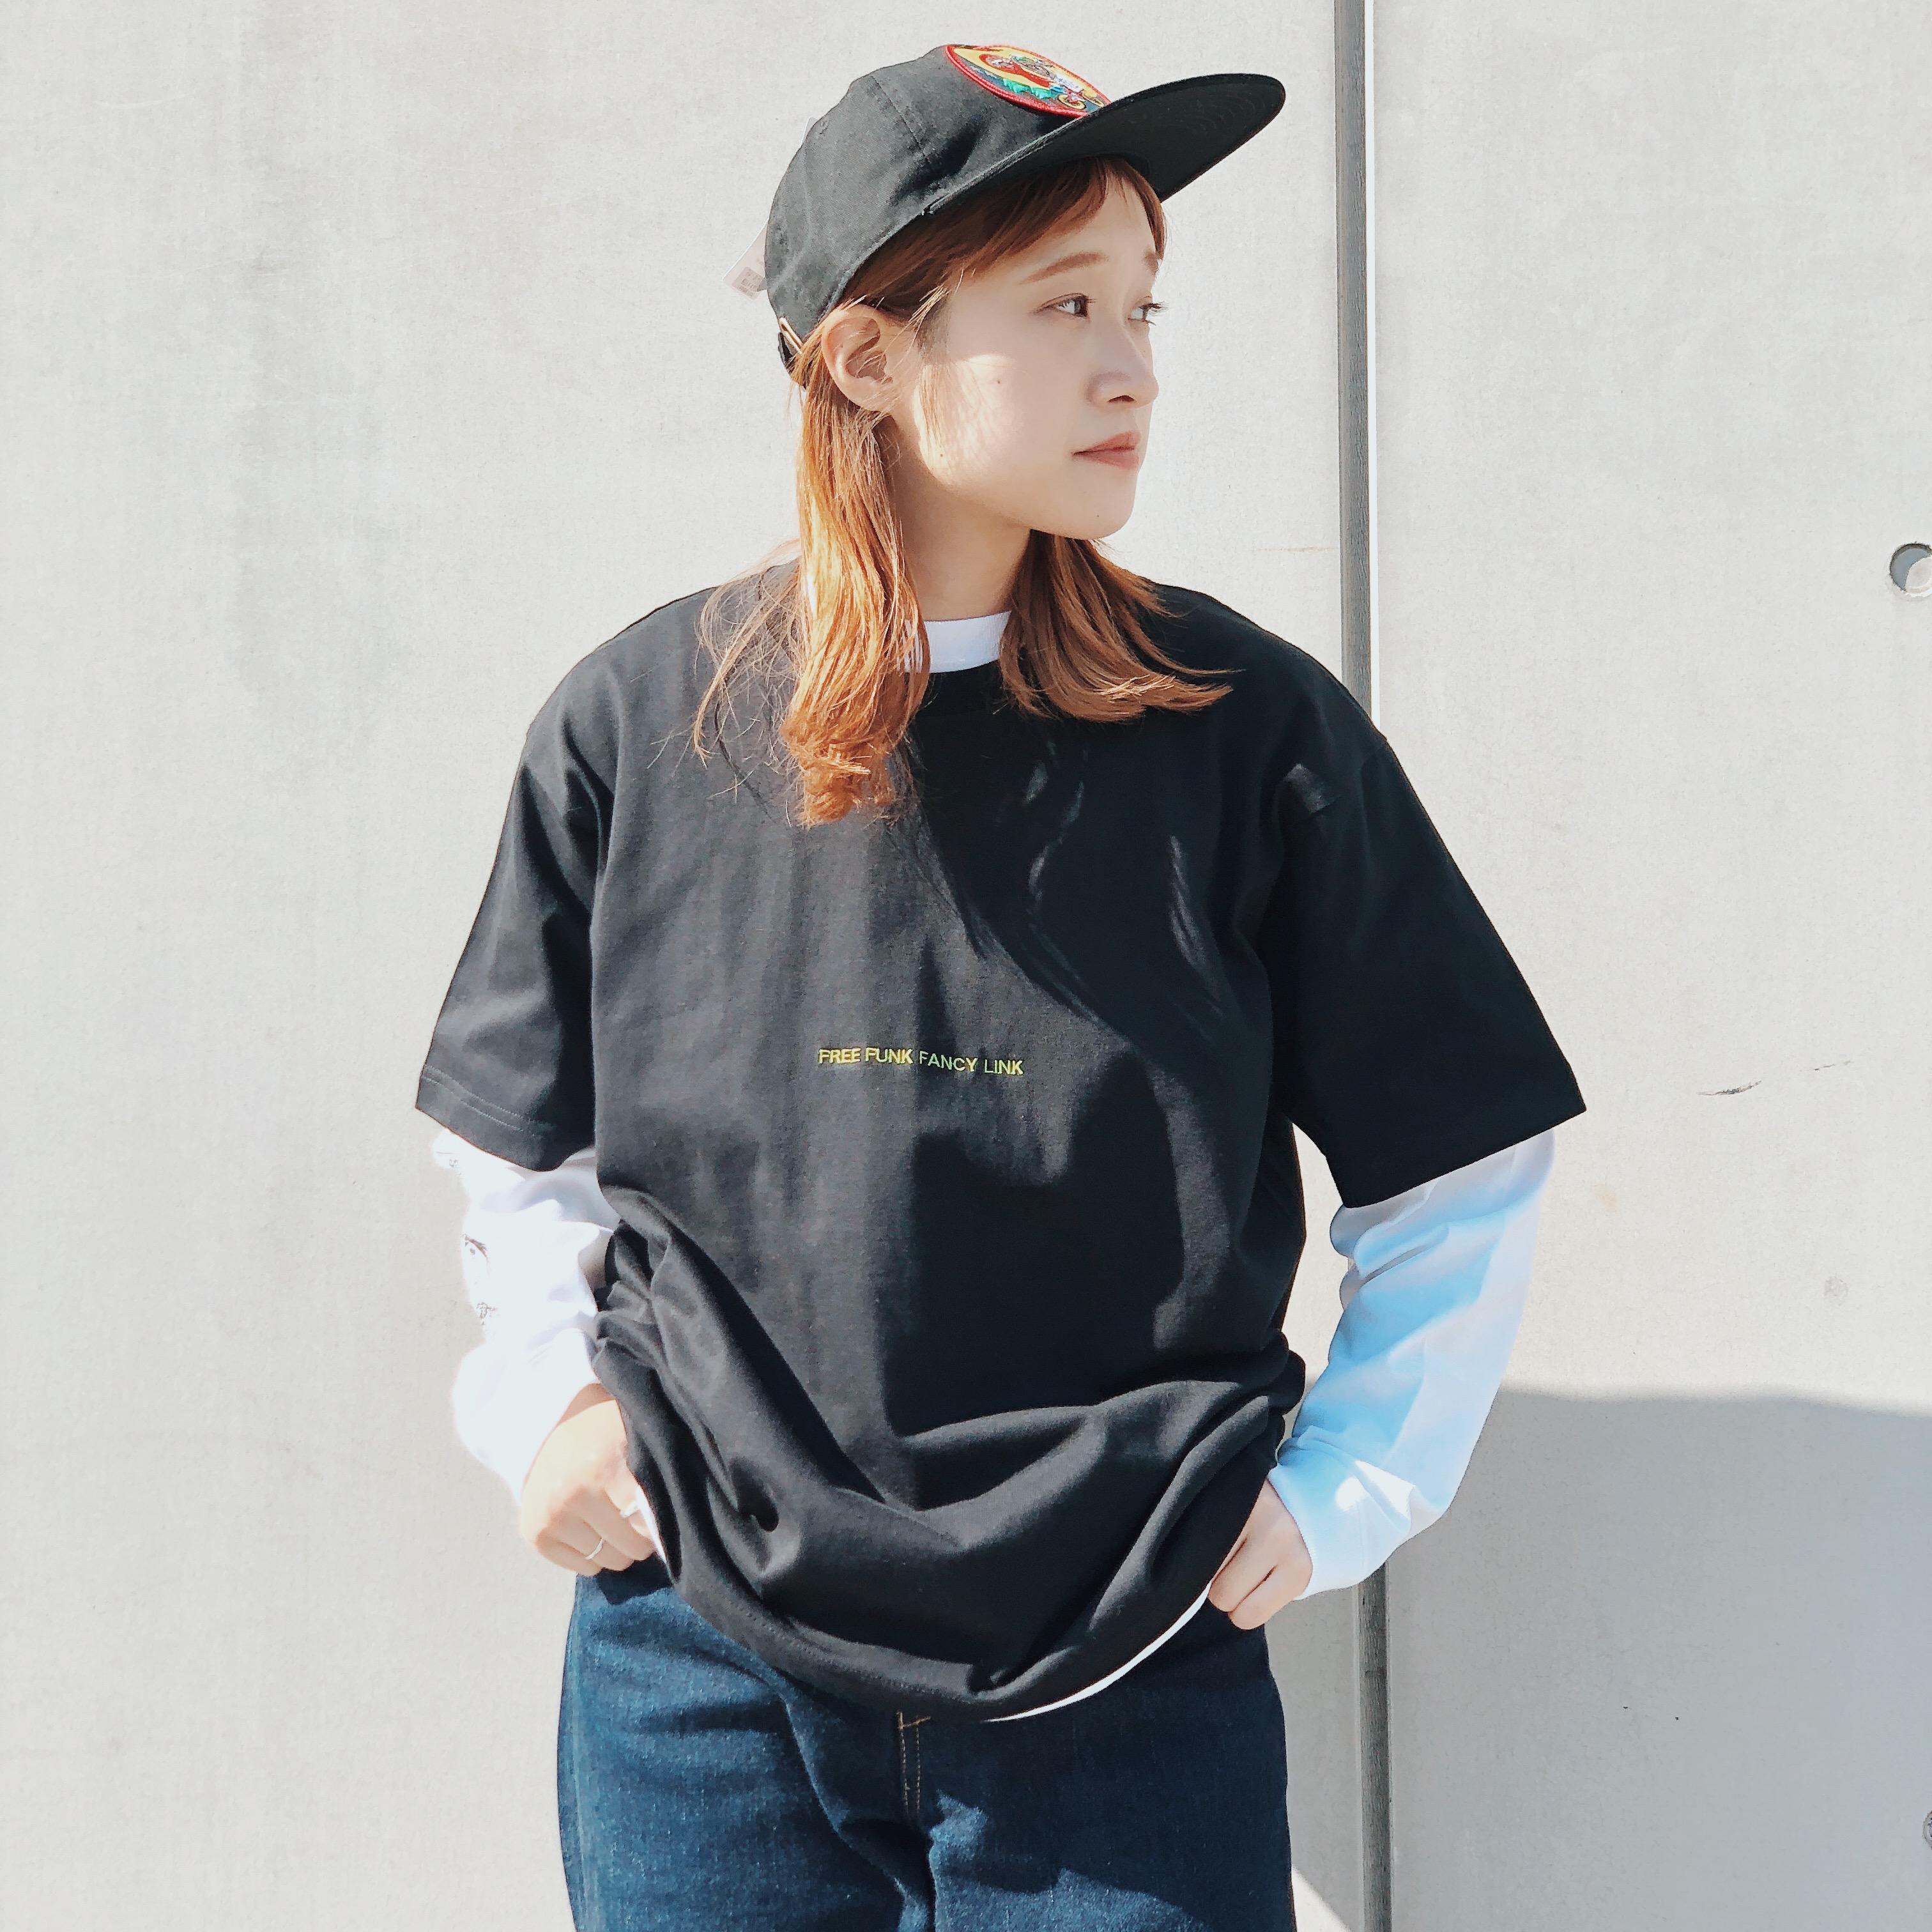 【新作】さりげないワンポイントが魅力的な刺繍Tシャツ